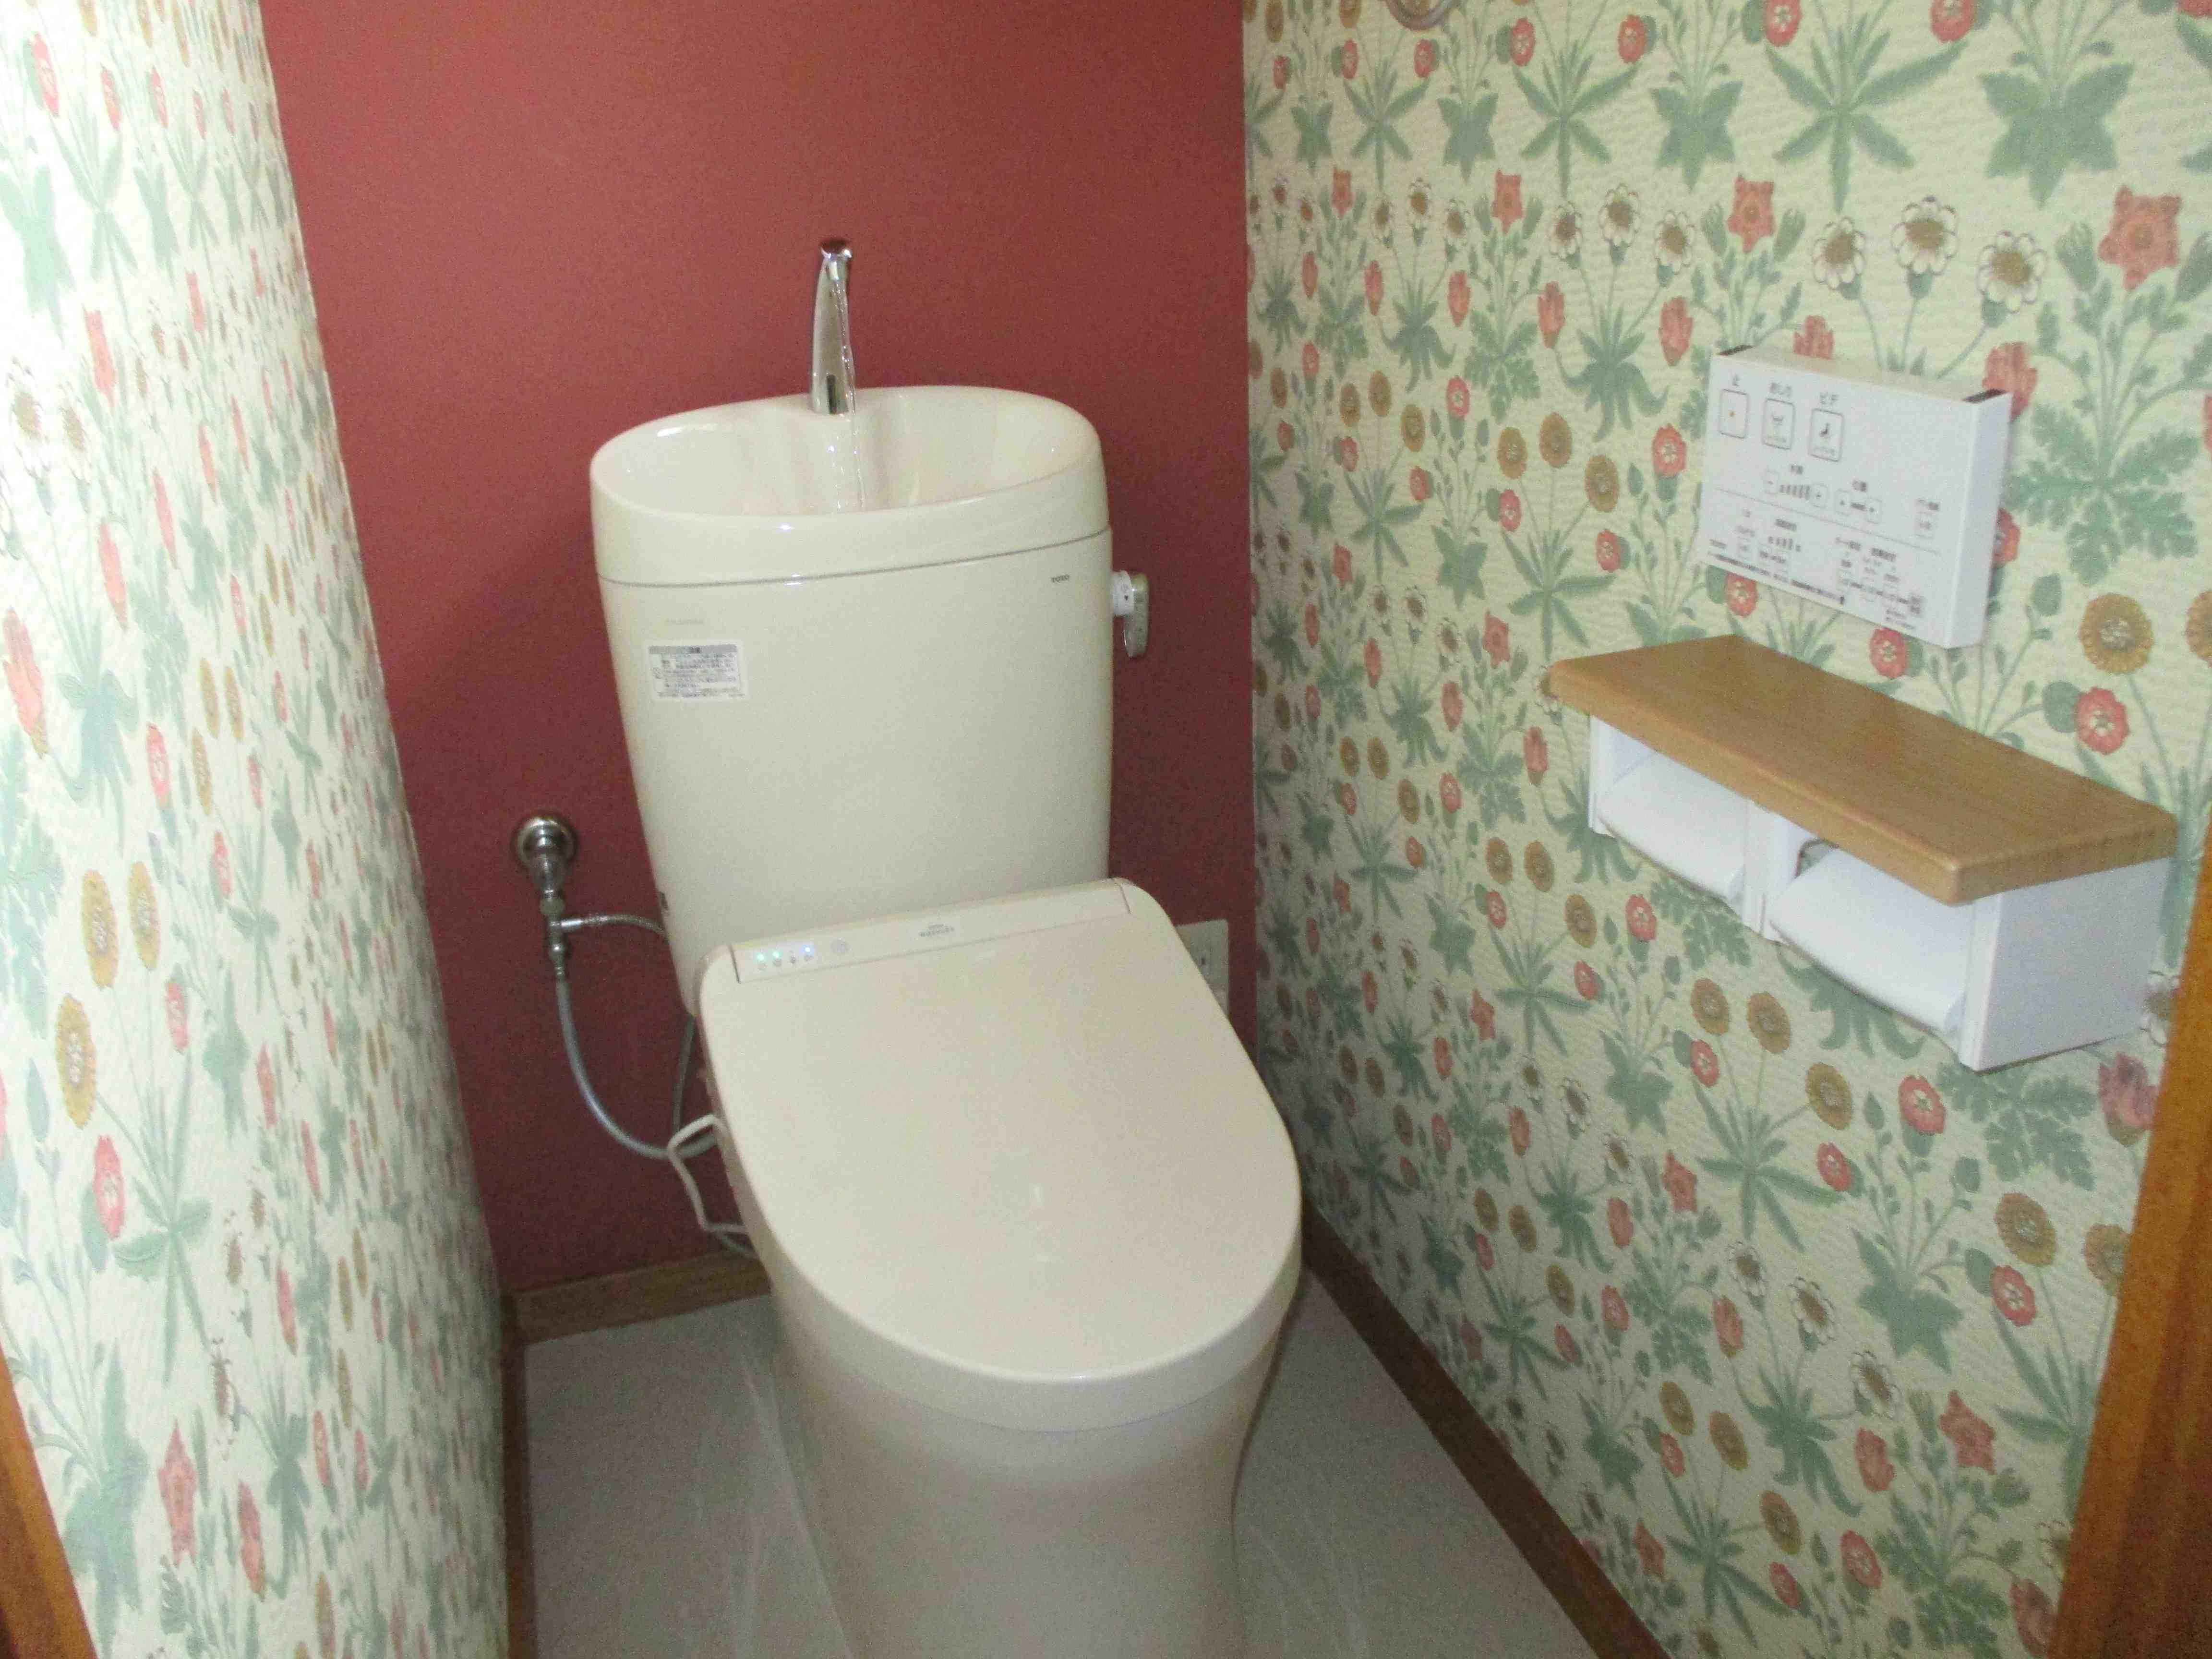 モリスの壁紙でトイレの『1DAY(ワンデイ)』リフォーム  ウィリアムモリス正規販売店のブライト_c0157866_17342169.jpg